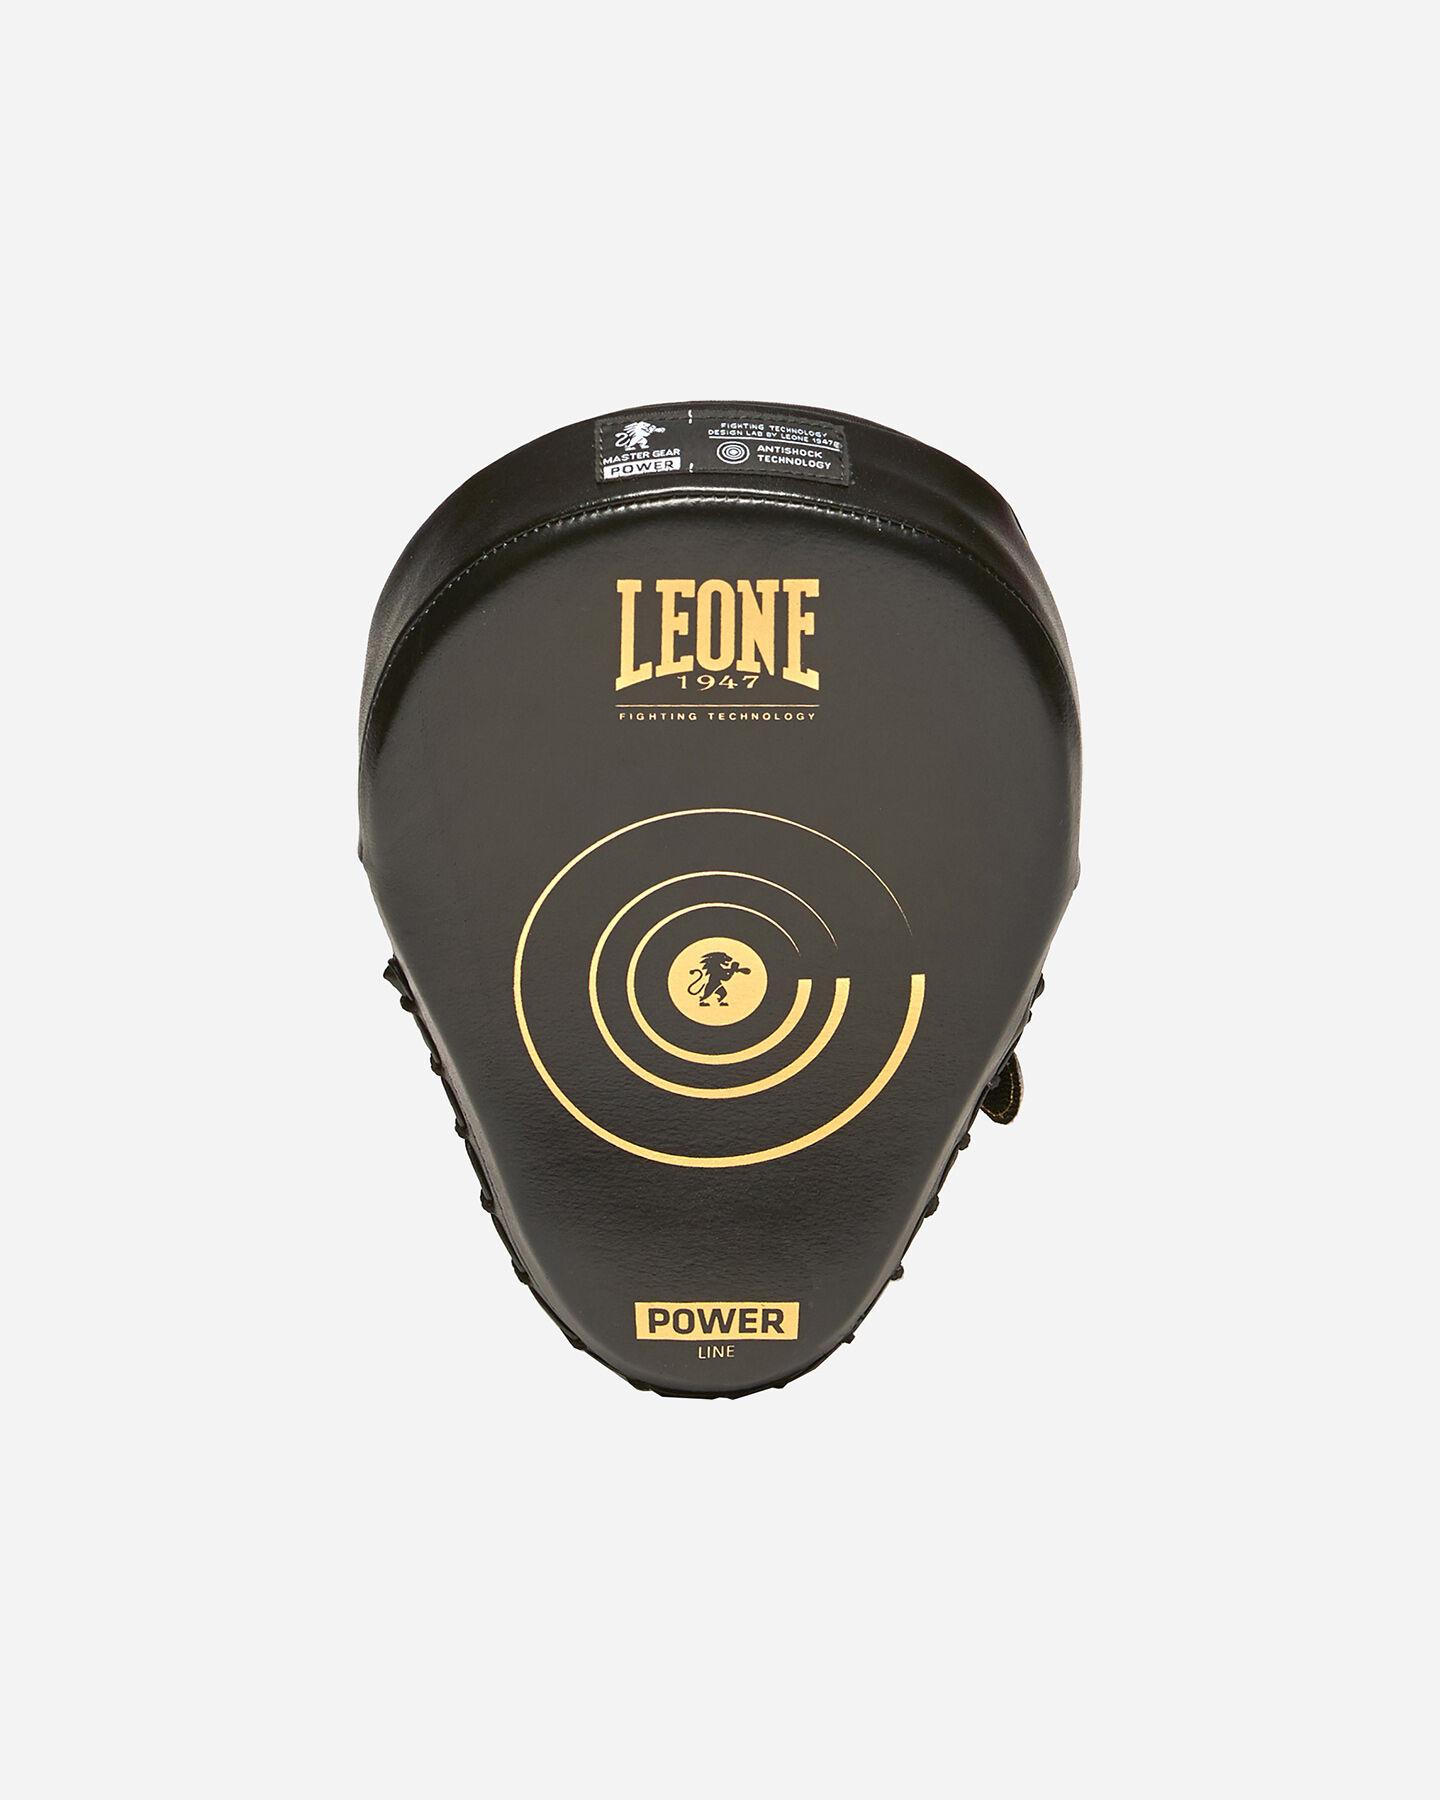 Guanti LEONE POWER LINE S5190569|01|U scatto 3